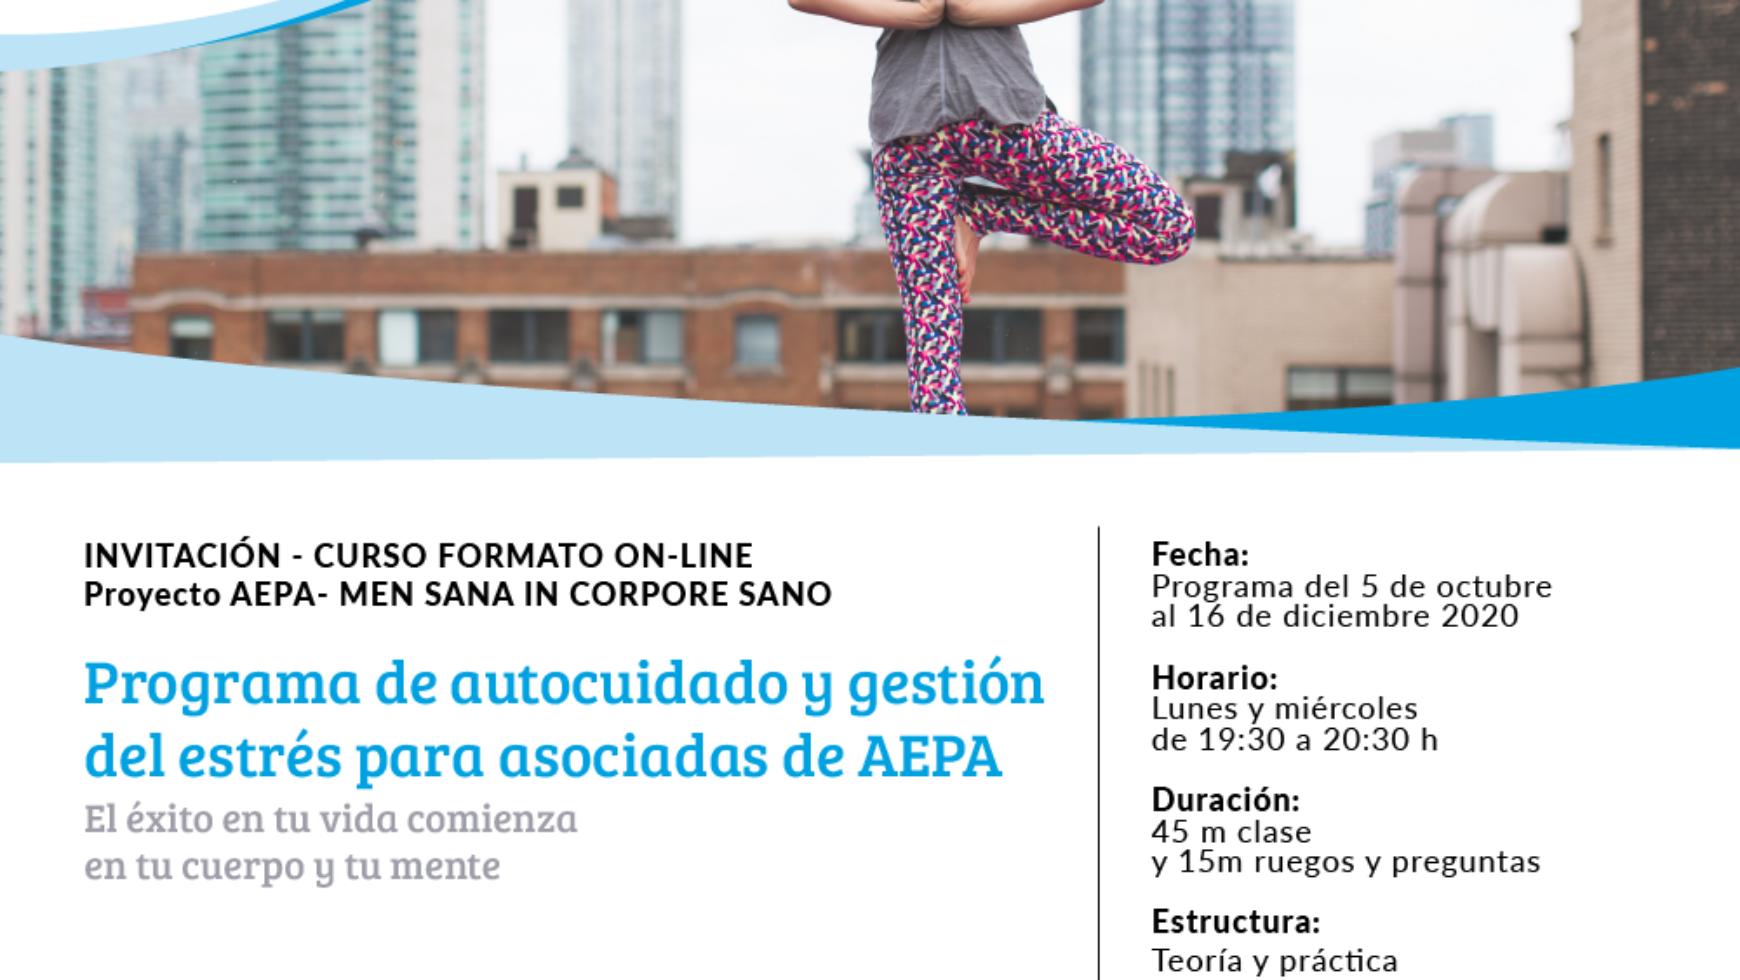 NUEVO PROGRAMAde autocuidado y gestión del estrés para asociadas de AEPA.